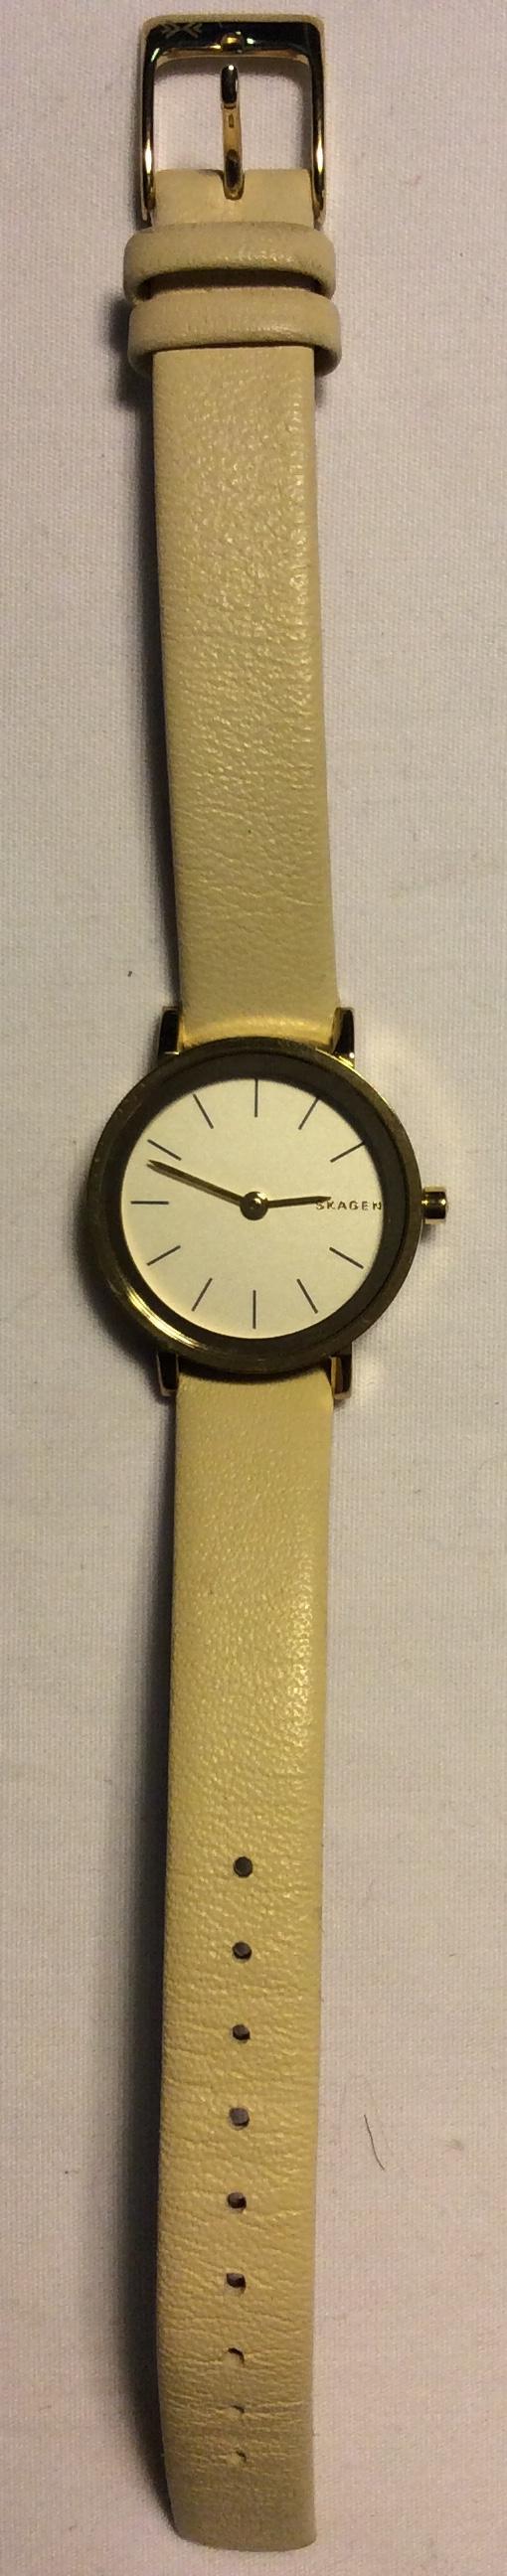 Skagen watch - round white face